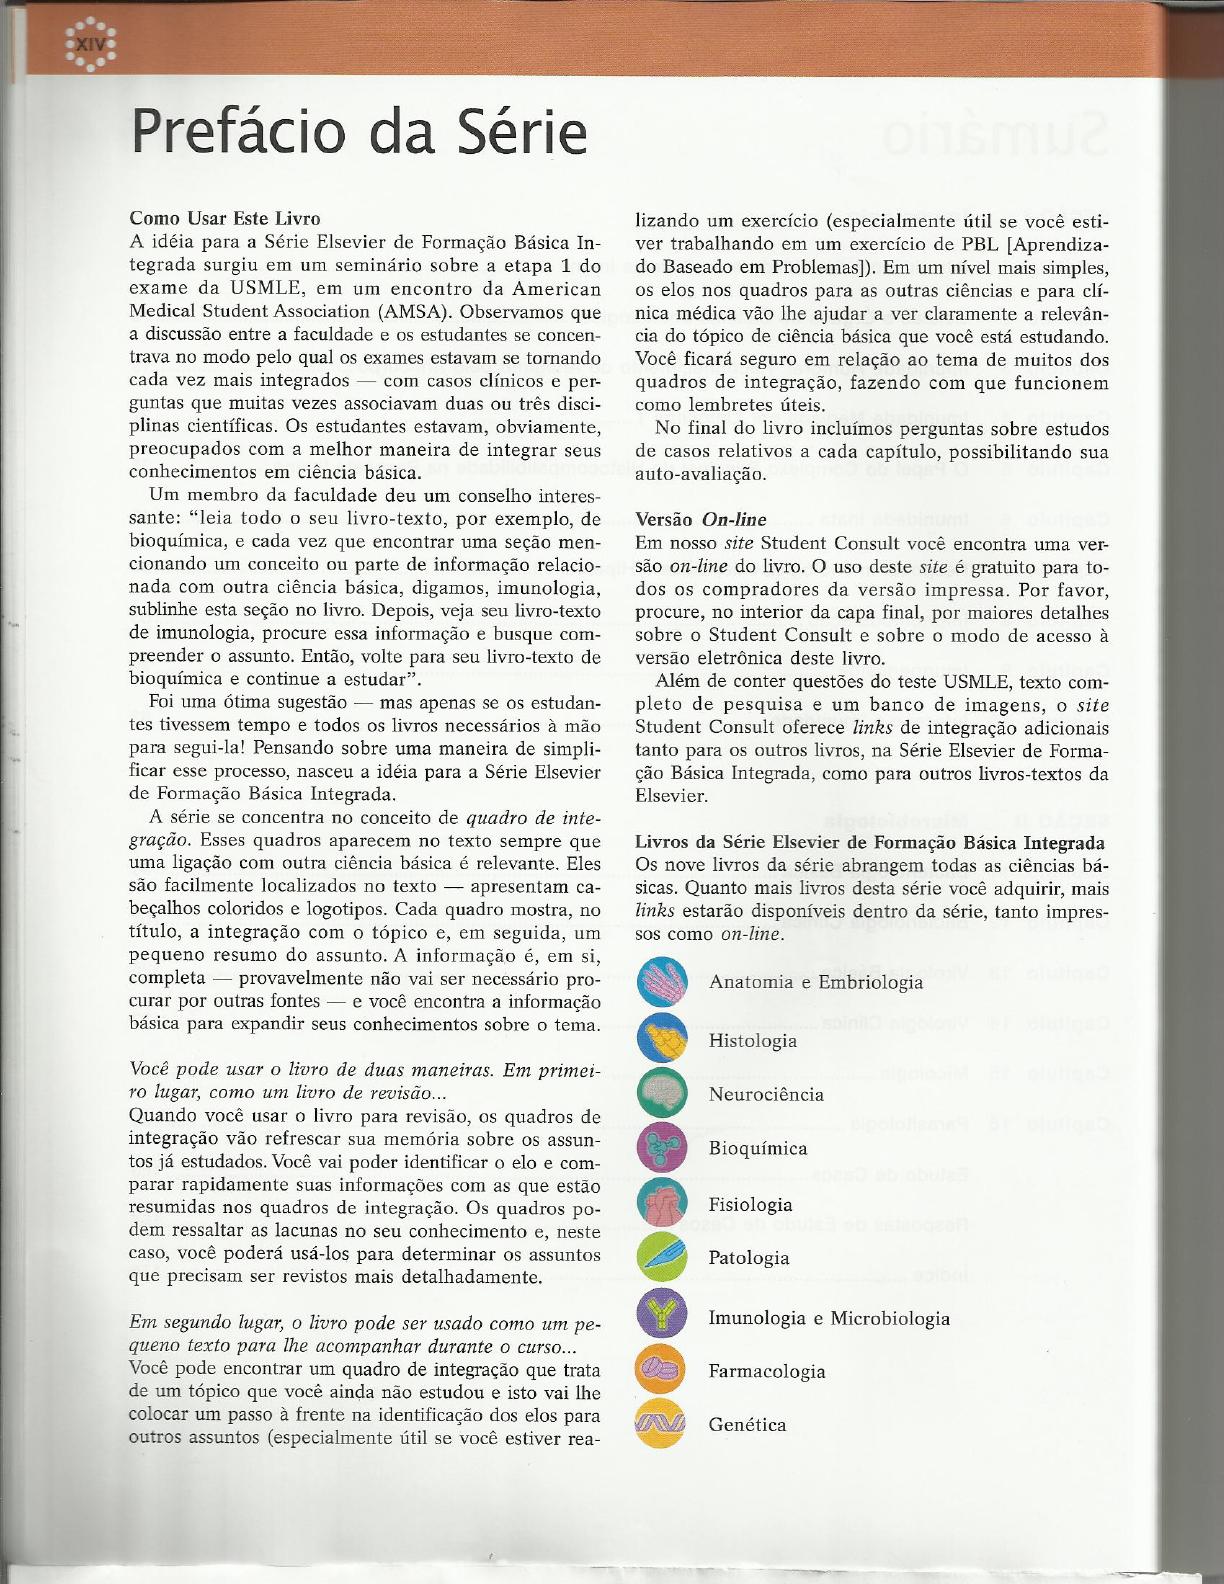 Pdf livro de imunologia